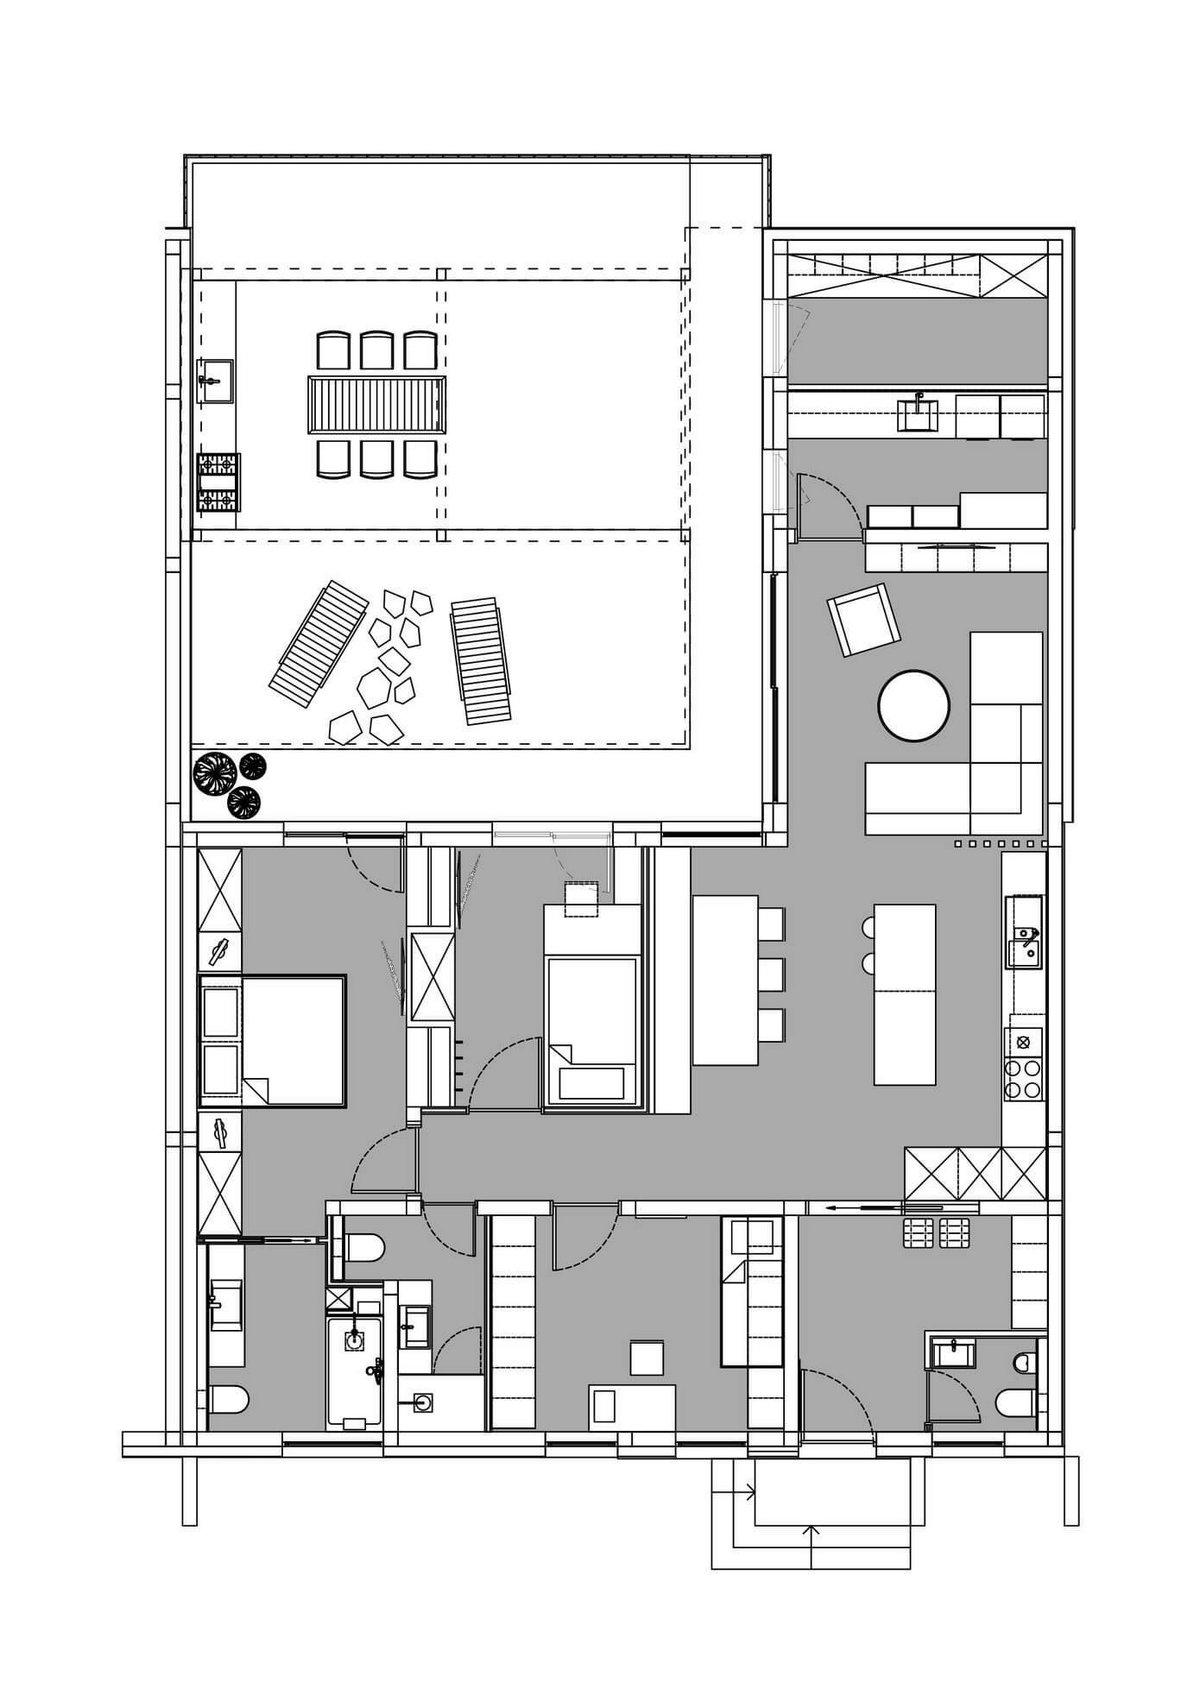 Любляна, Словения, GAO Architects, интерьер небольшого частного дома, частные дома в Словении фото, как живут в Словении фото, дизайн гостиной фото